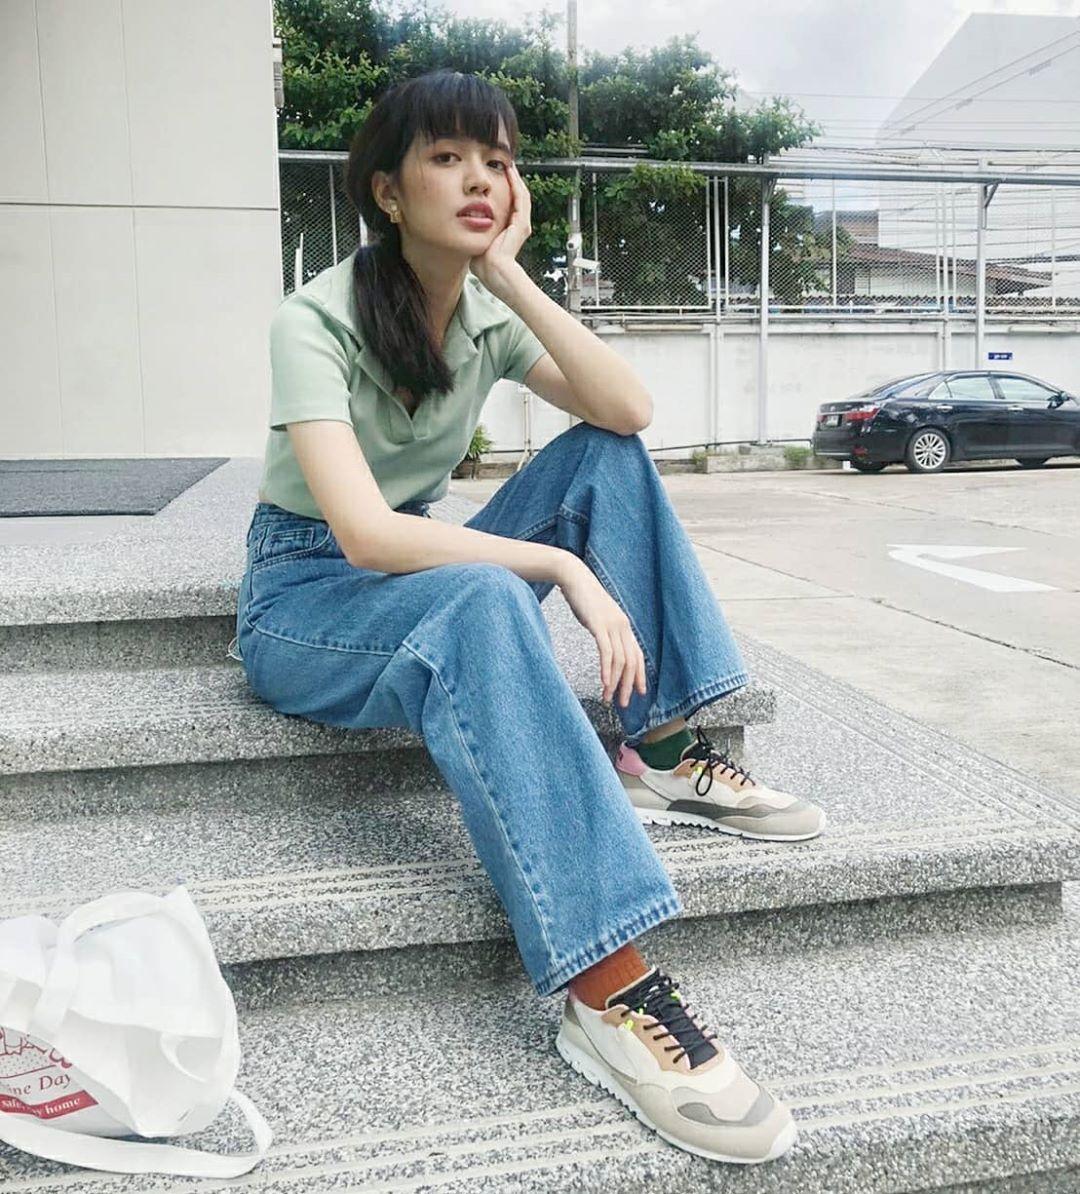 图片[24]-sama542小清新美女初恋的感觉,我找到了!-福利巴士